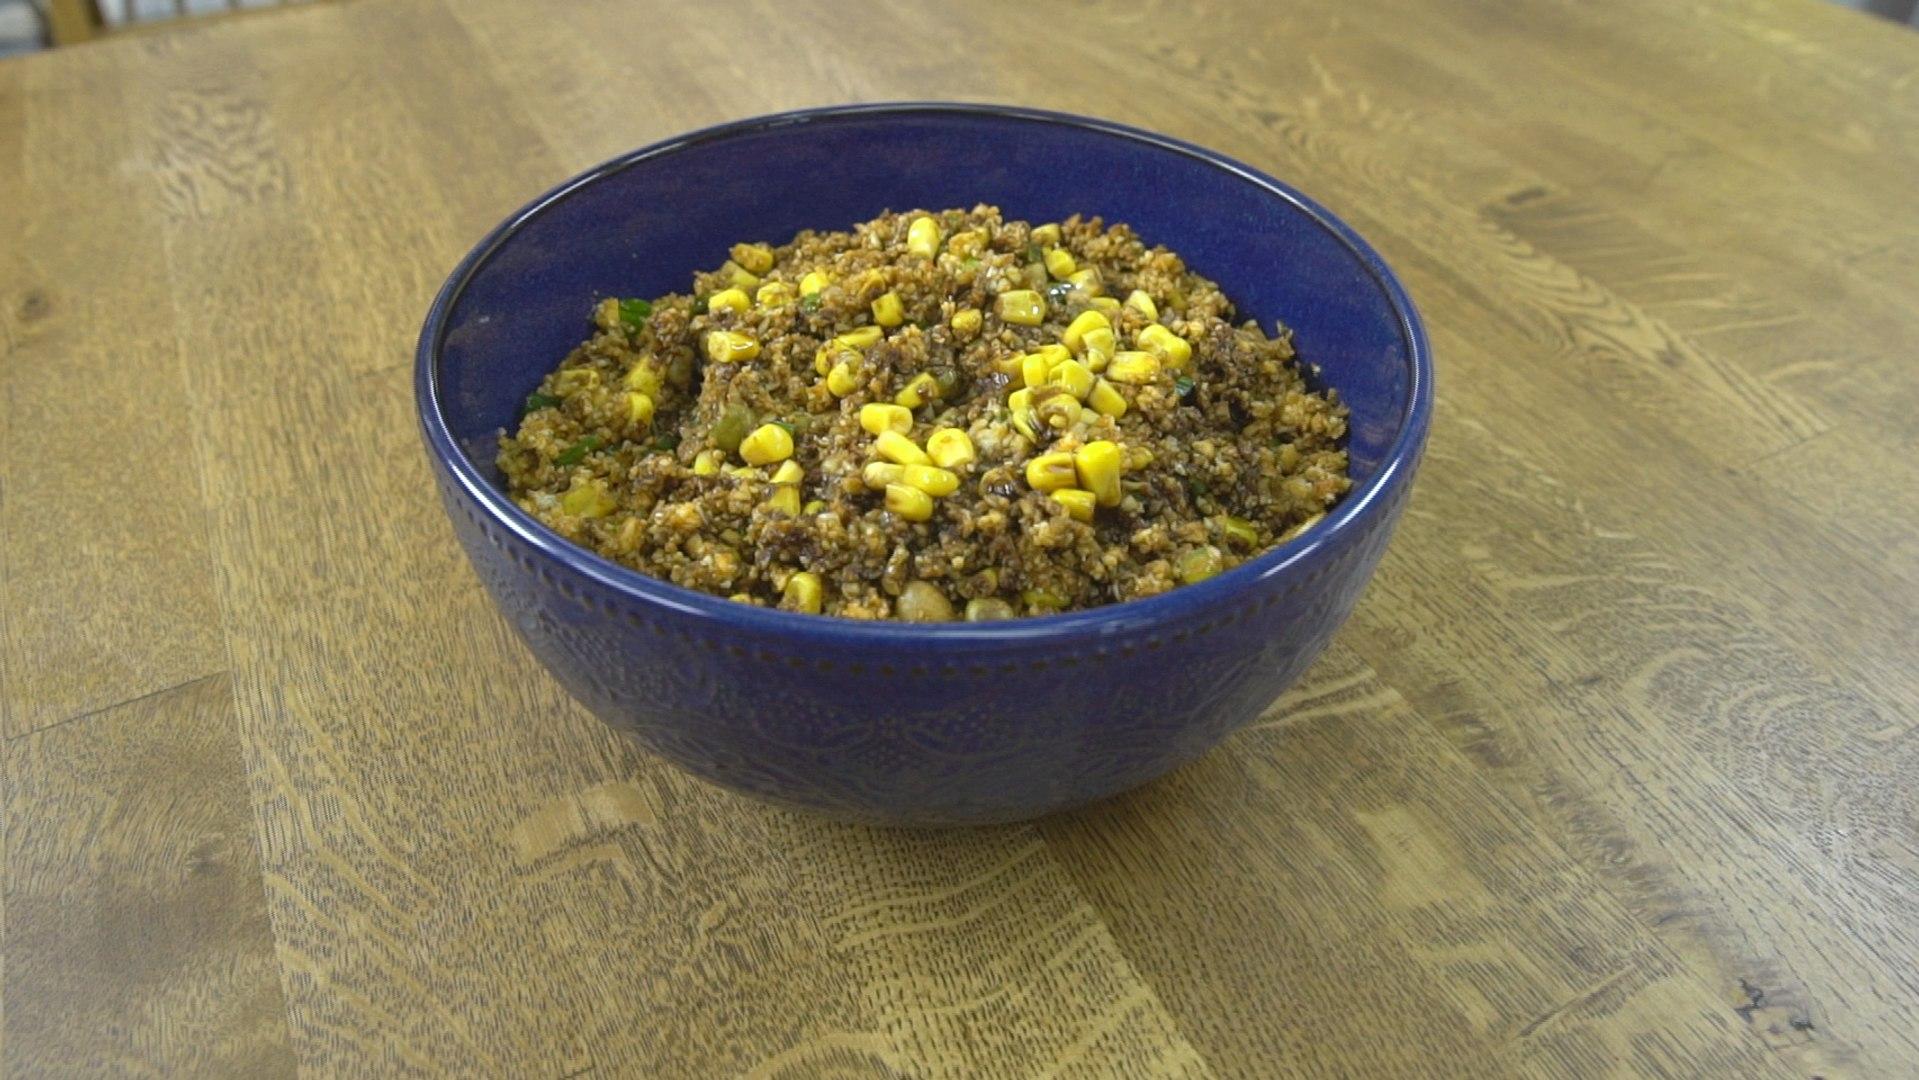 Nohutlu ve Bezelyeli Karnabahar Salatası Tarifi